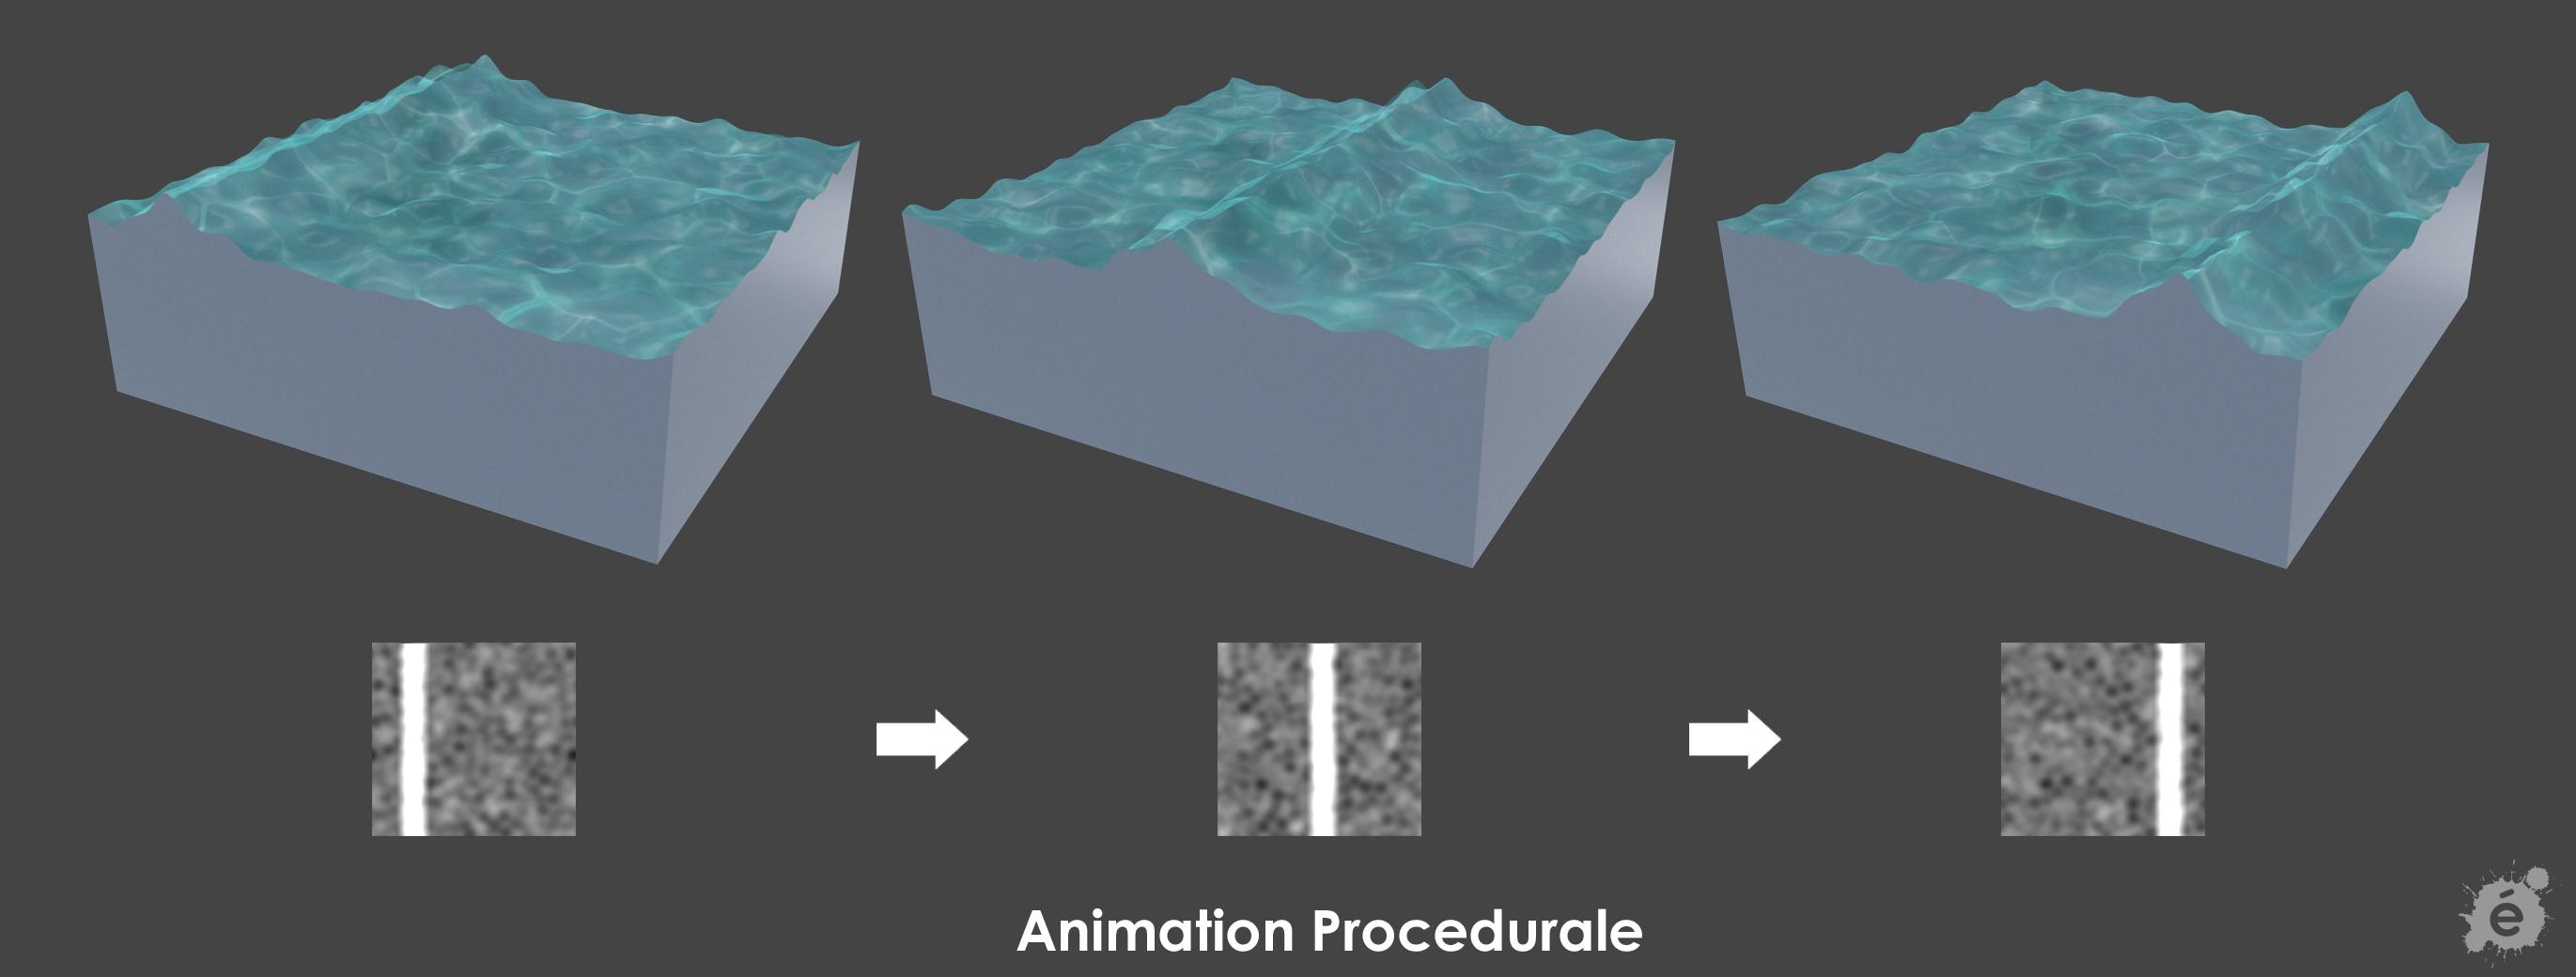 exemple d'animation procédurale